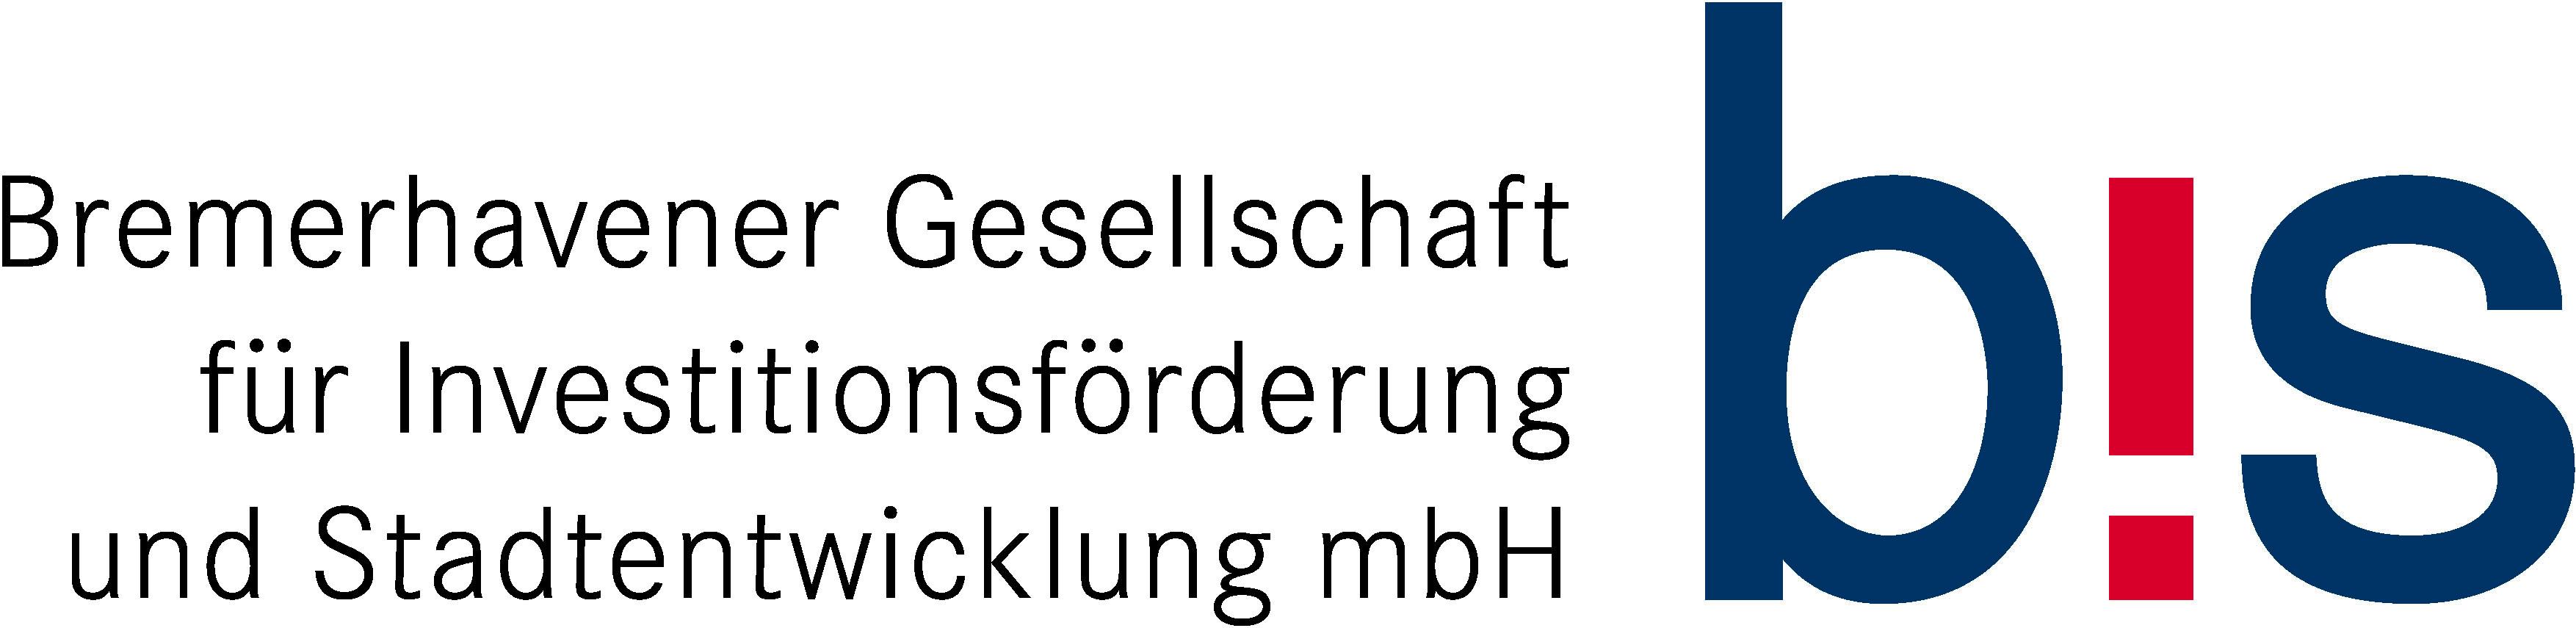 Logo BIS Bremerhavener Gesellschaft für Investitionsförderung und Stadtentwicklung mbH